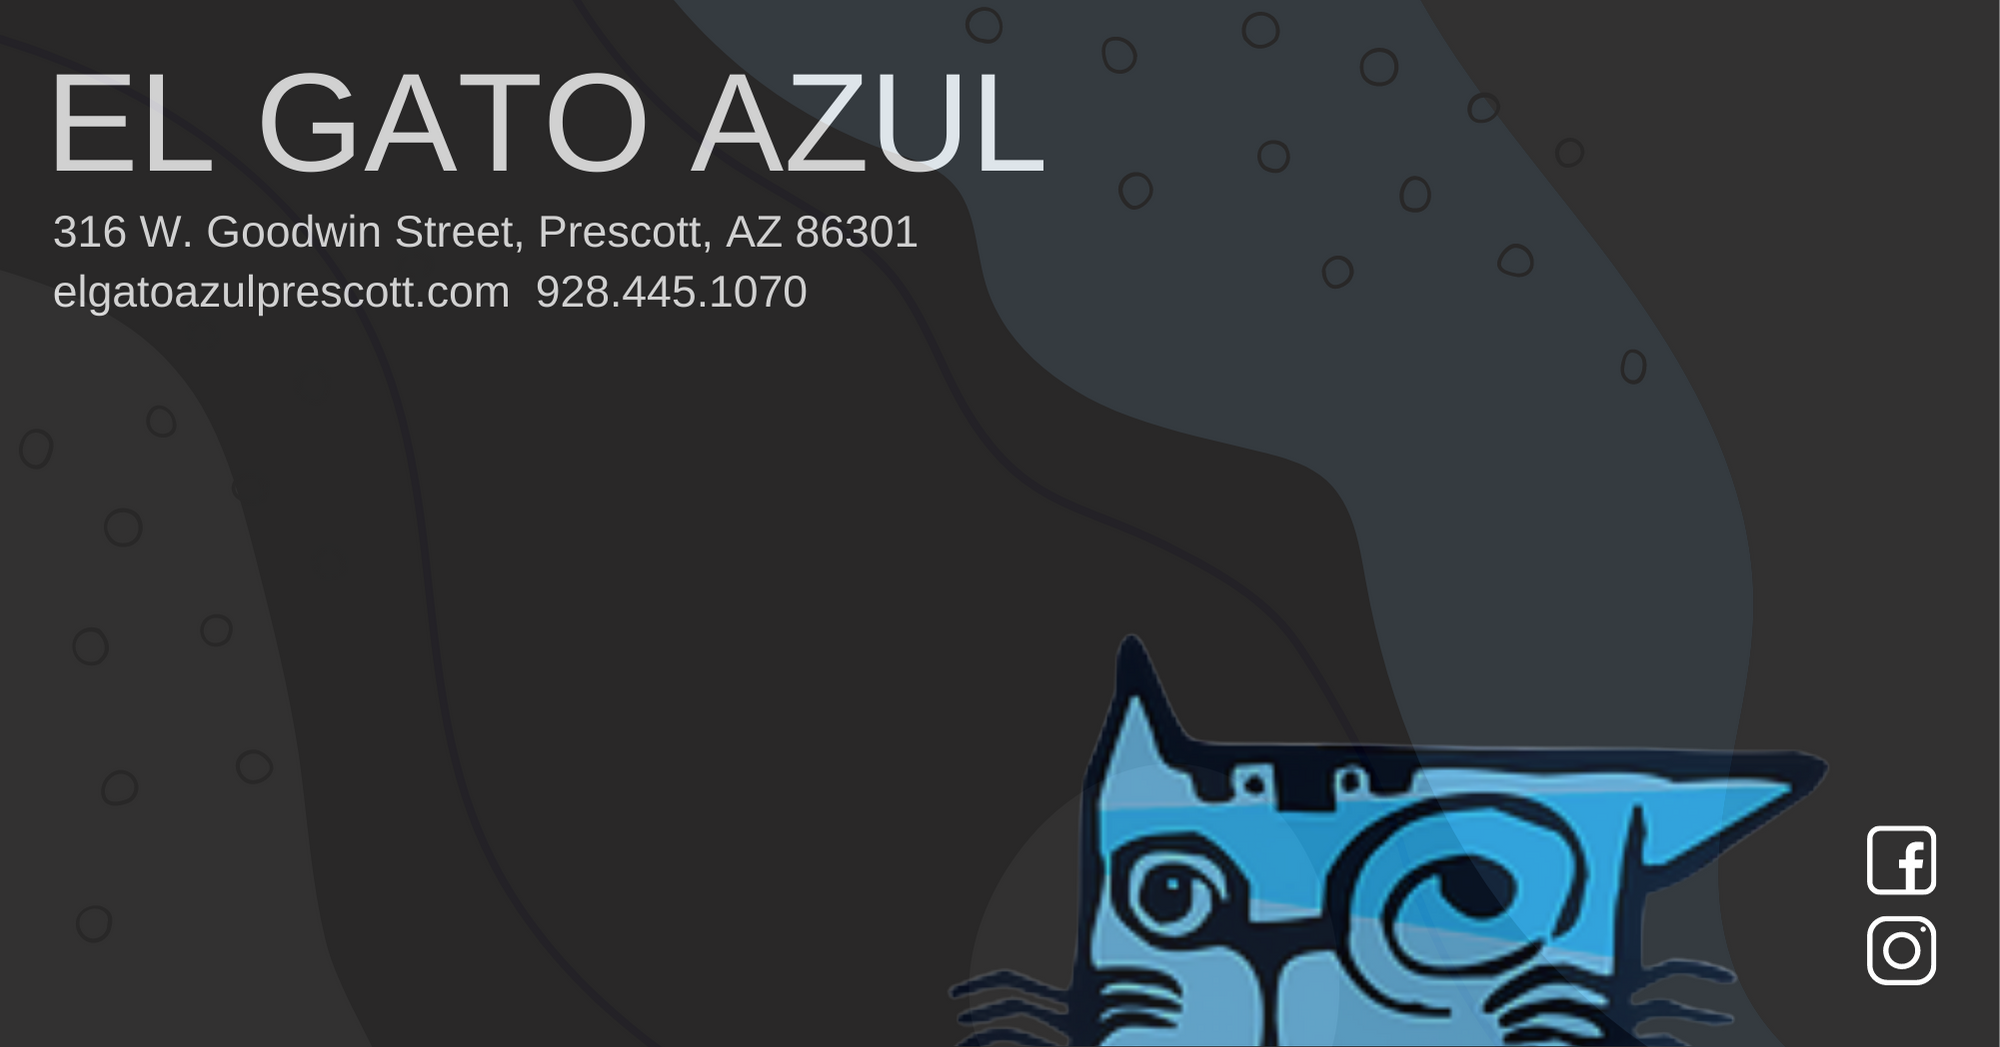 El Gato Azul